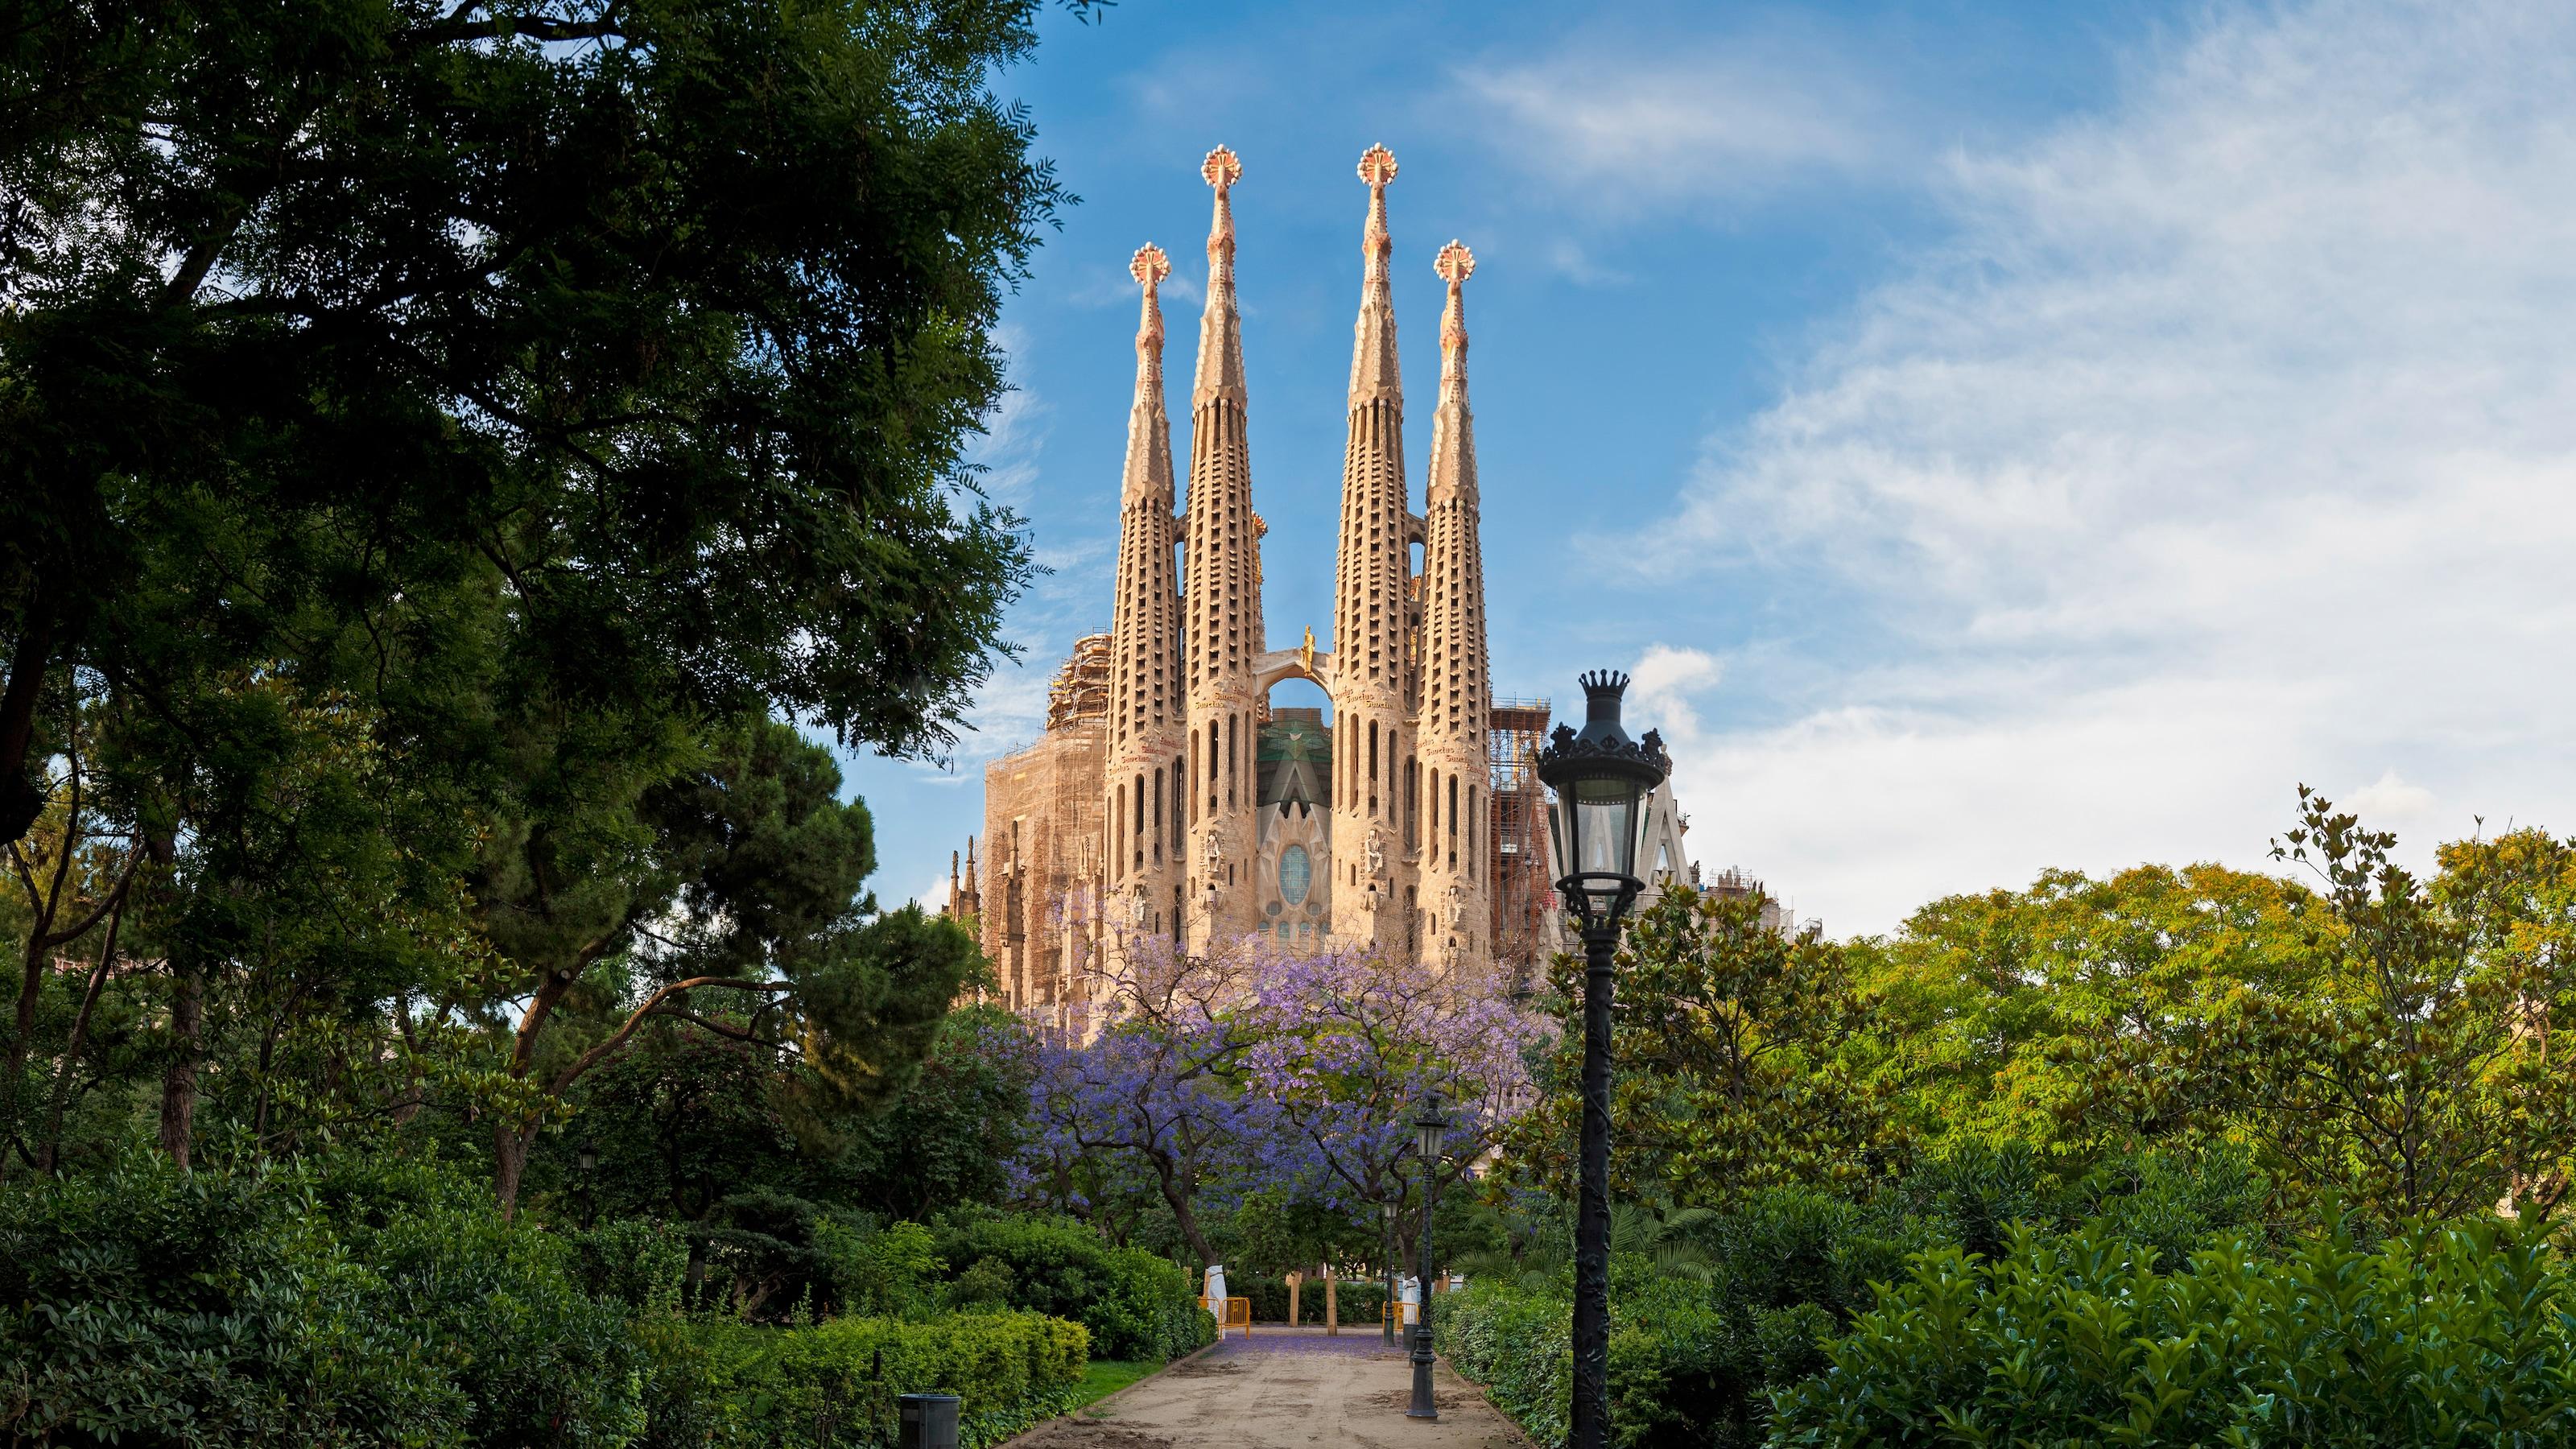 Un chemin bordé d'arbres luxuriants mène aux tours de la Sagrada Familia